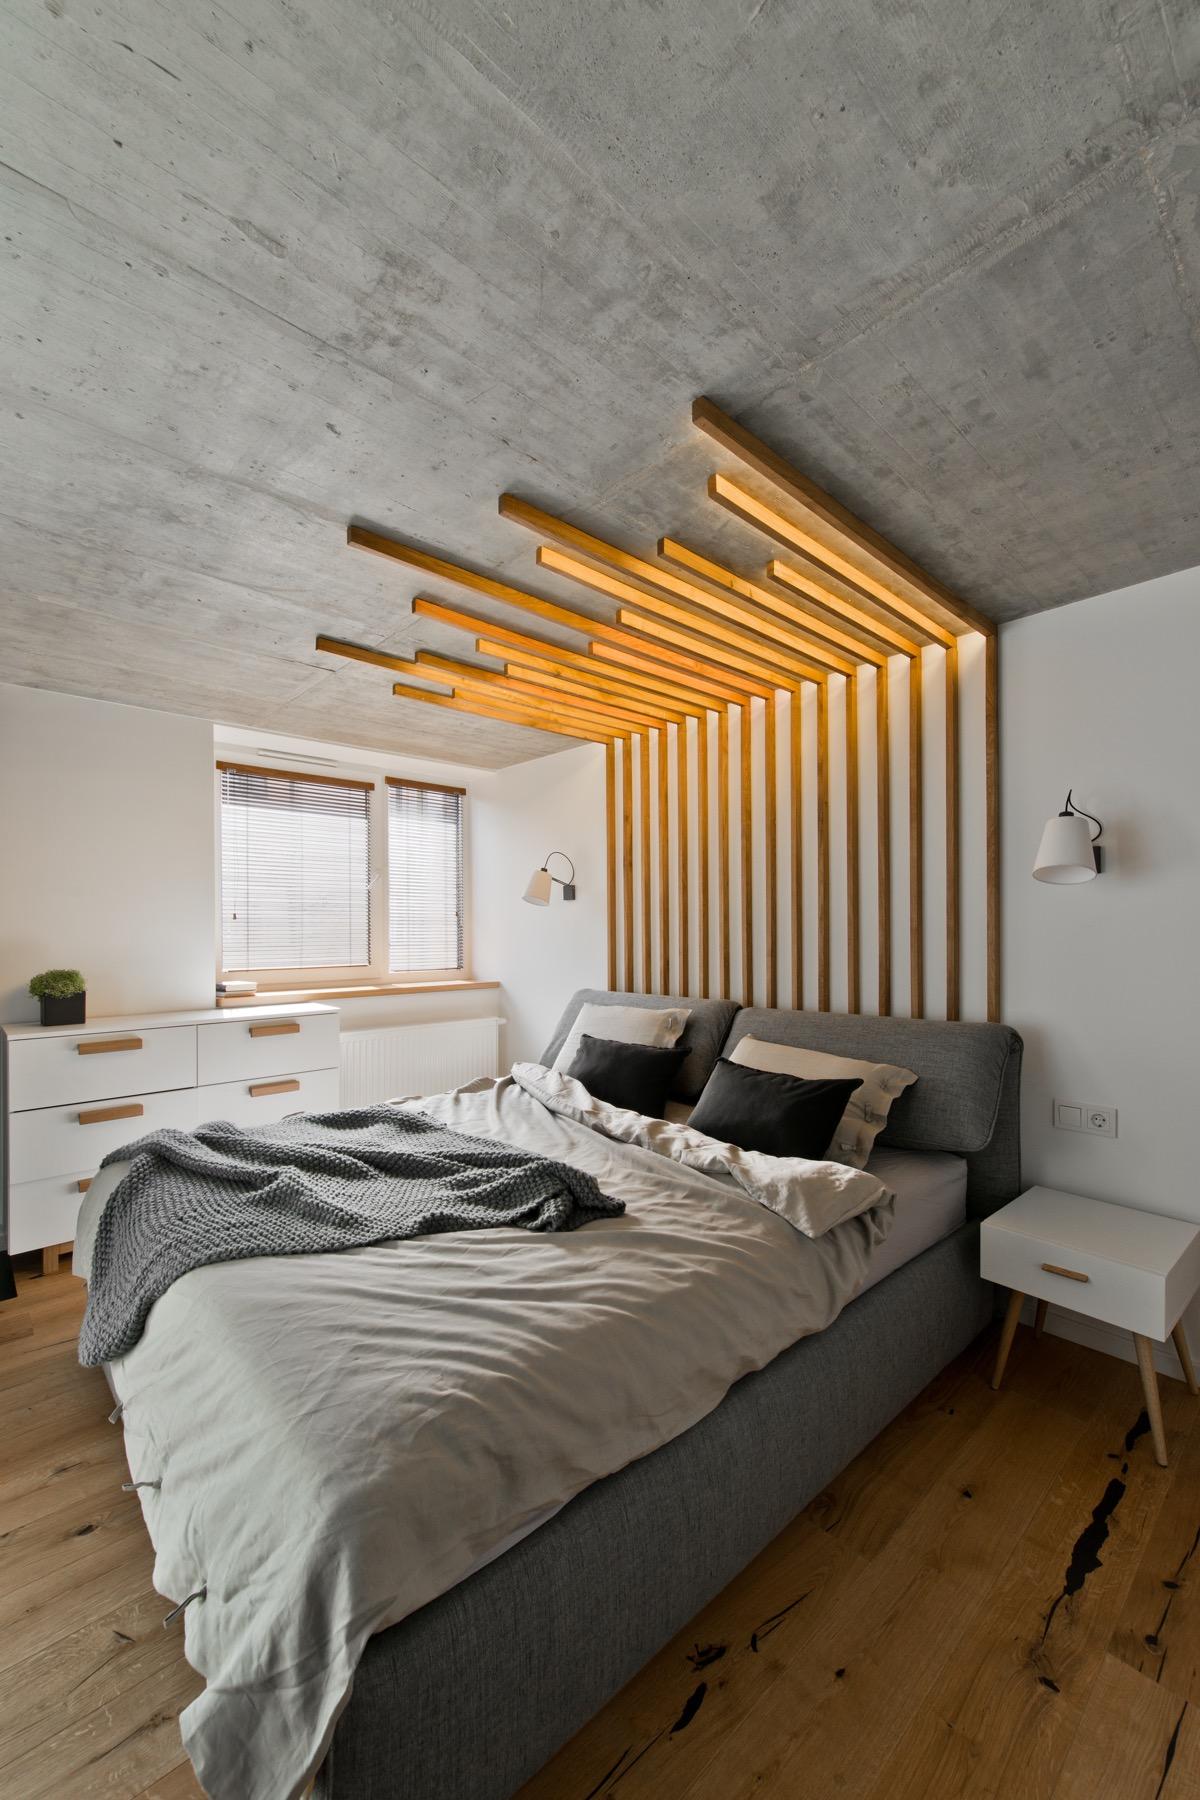 d coration d 39 un loft avec un style scandinave chic. Black Bedroom Furniture Sets. Home Design Ideas